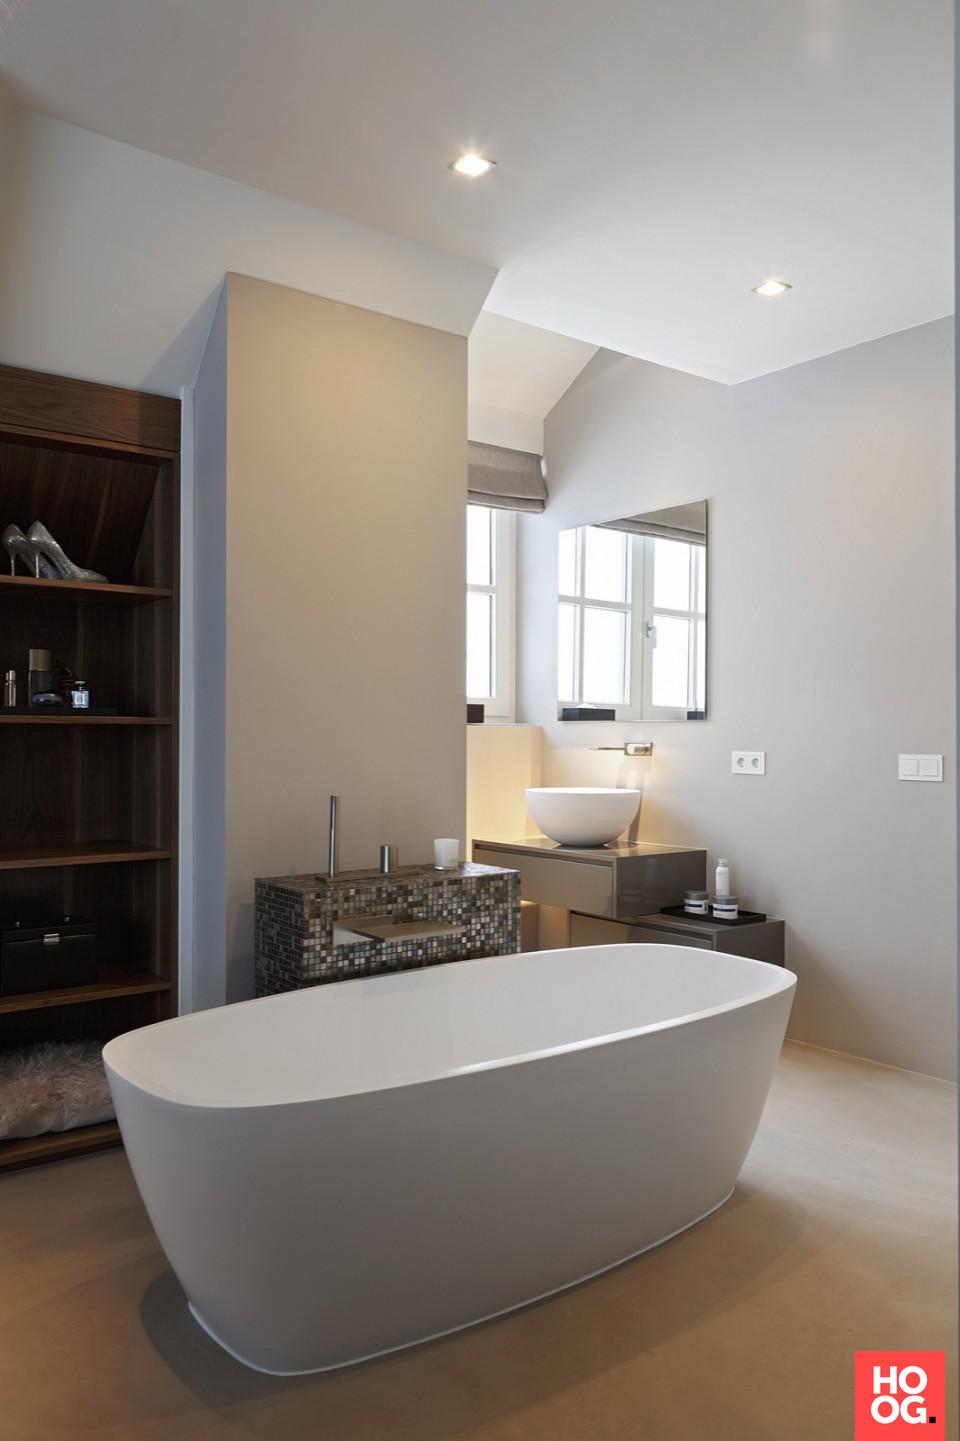 Badkamer inspiratie met moderne badkuip | badkamer ideeen | design ...